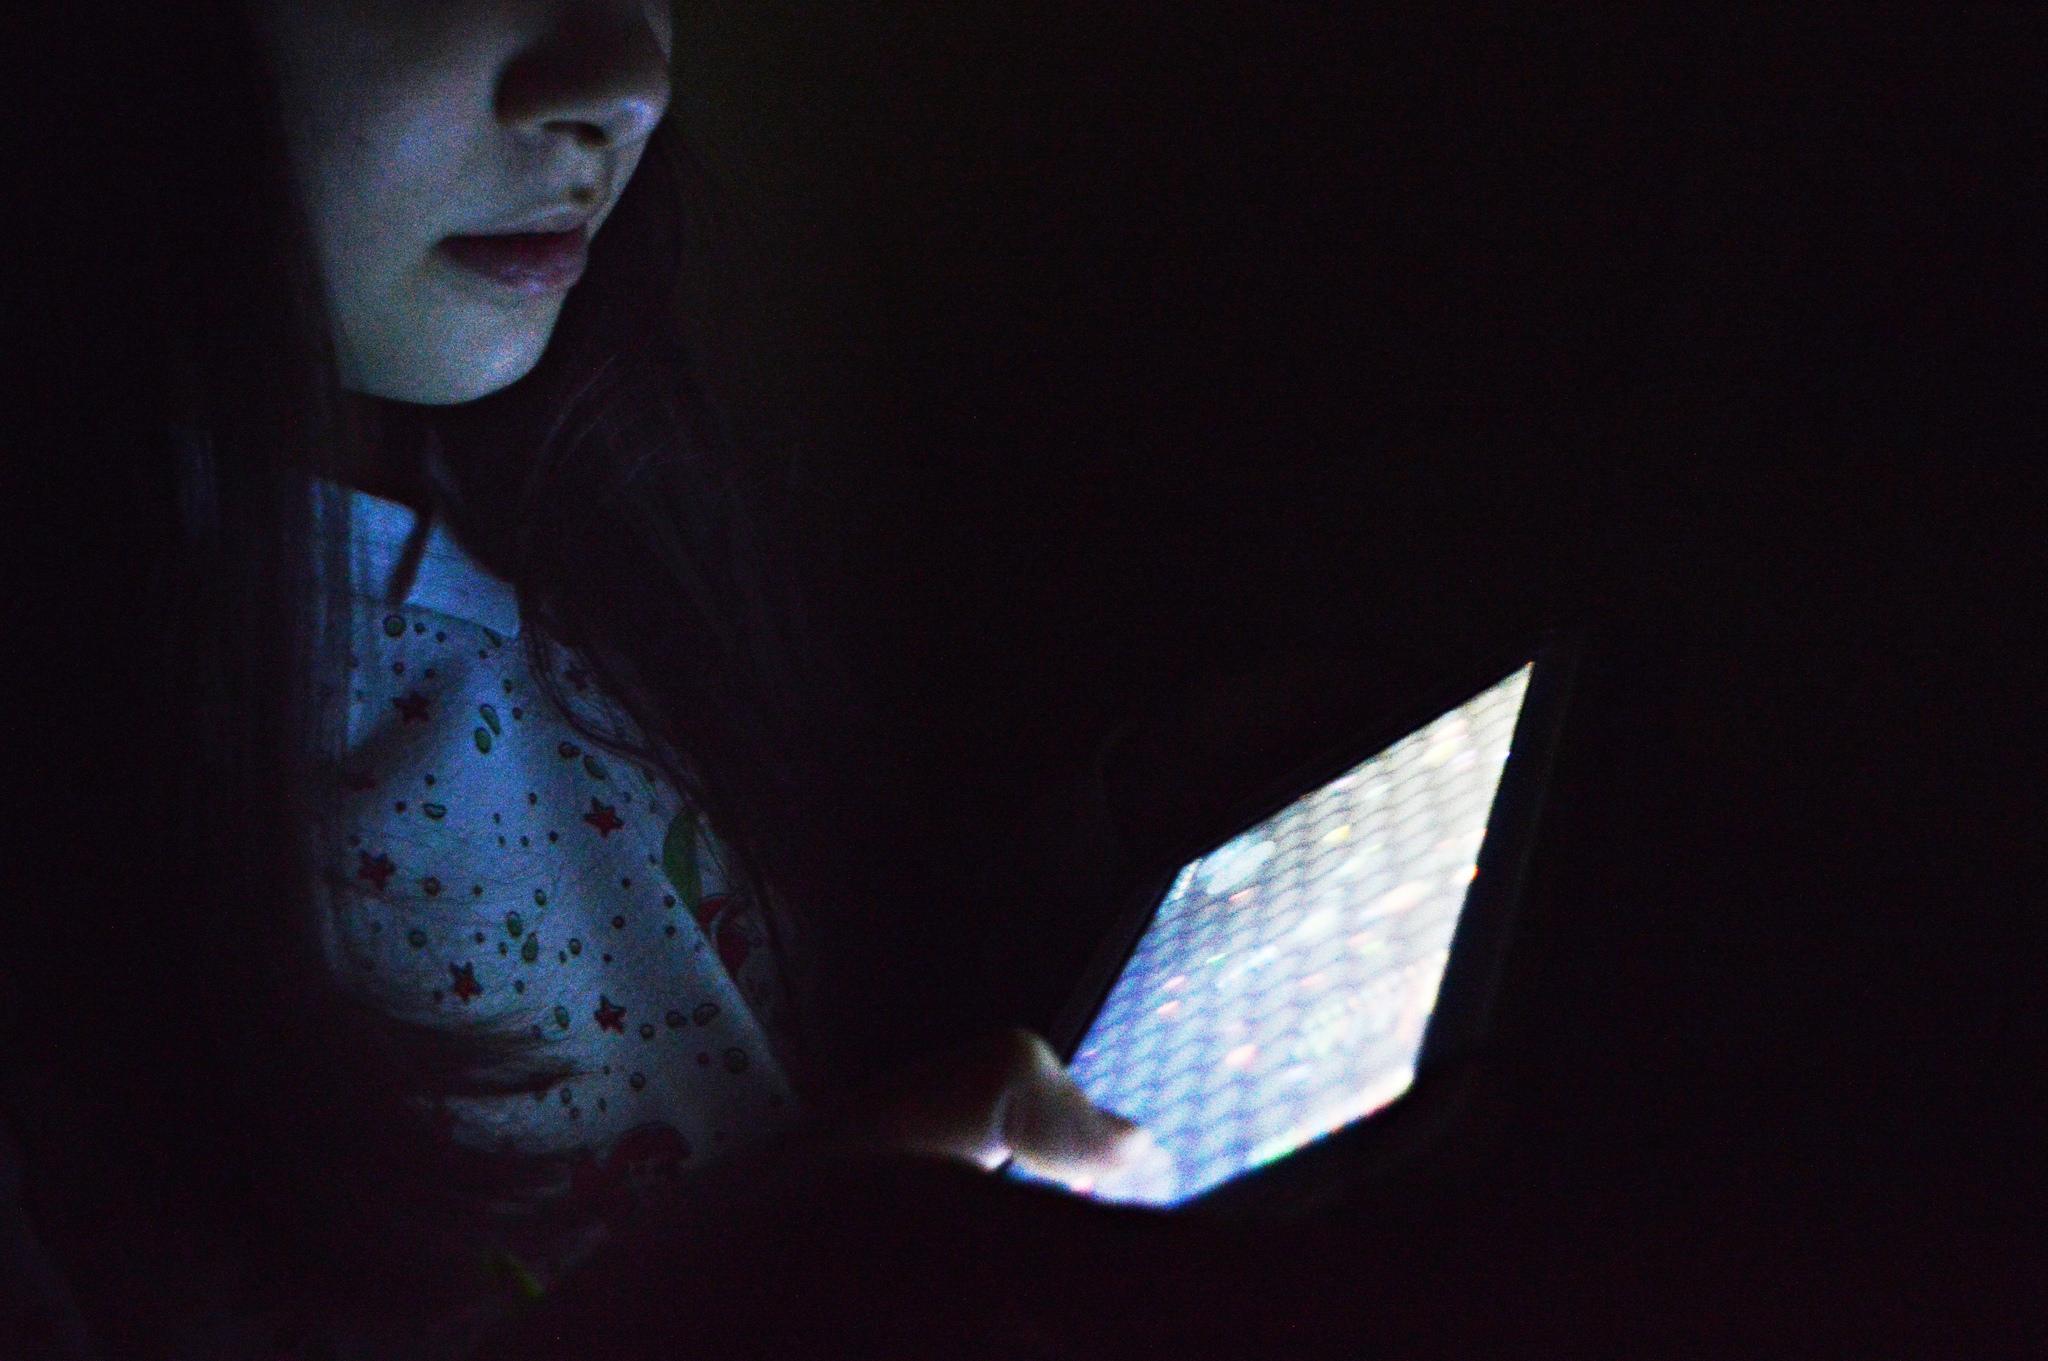 Comunicação - internet - adolescentes digital vício compulsão socialização redes sociais celulares smarthpones saúde